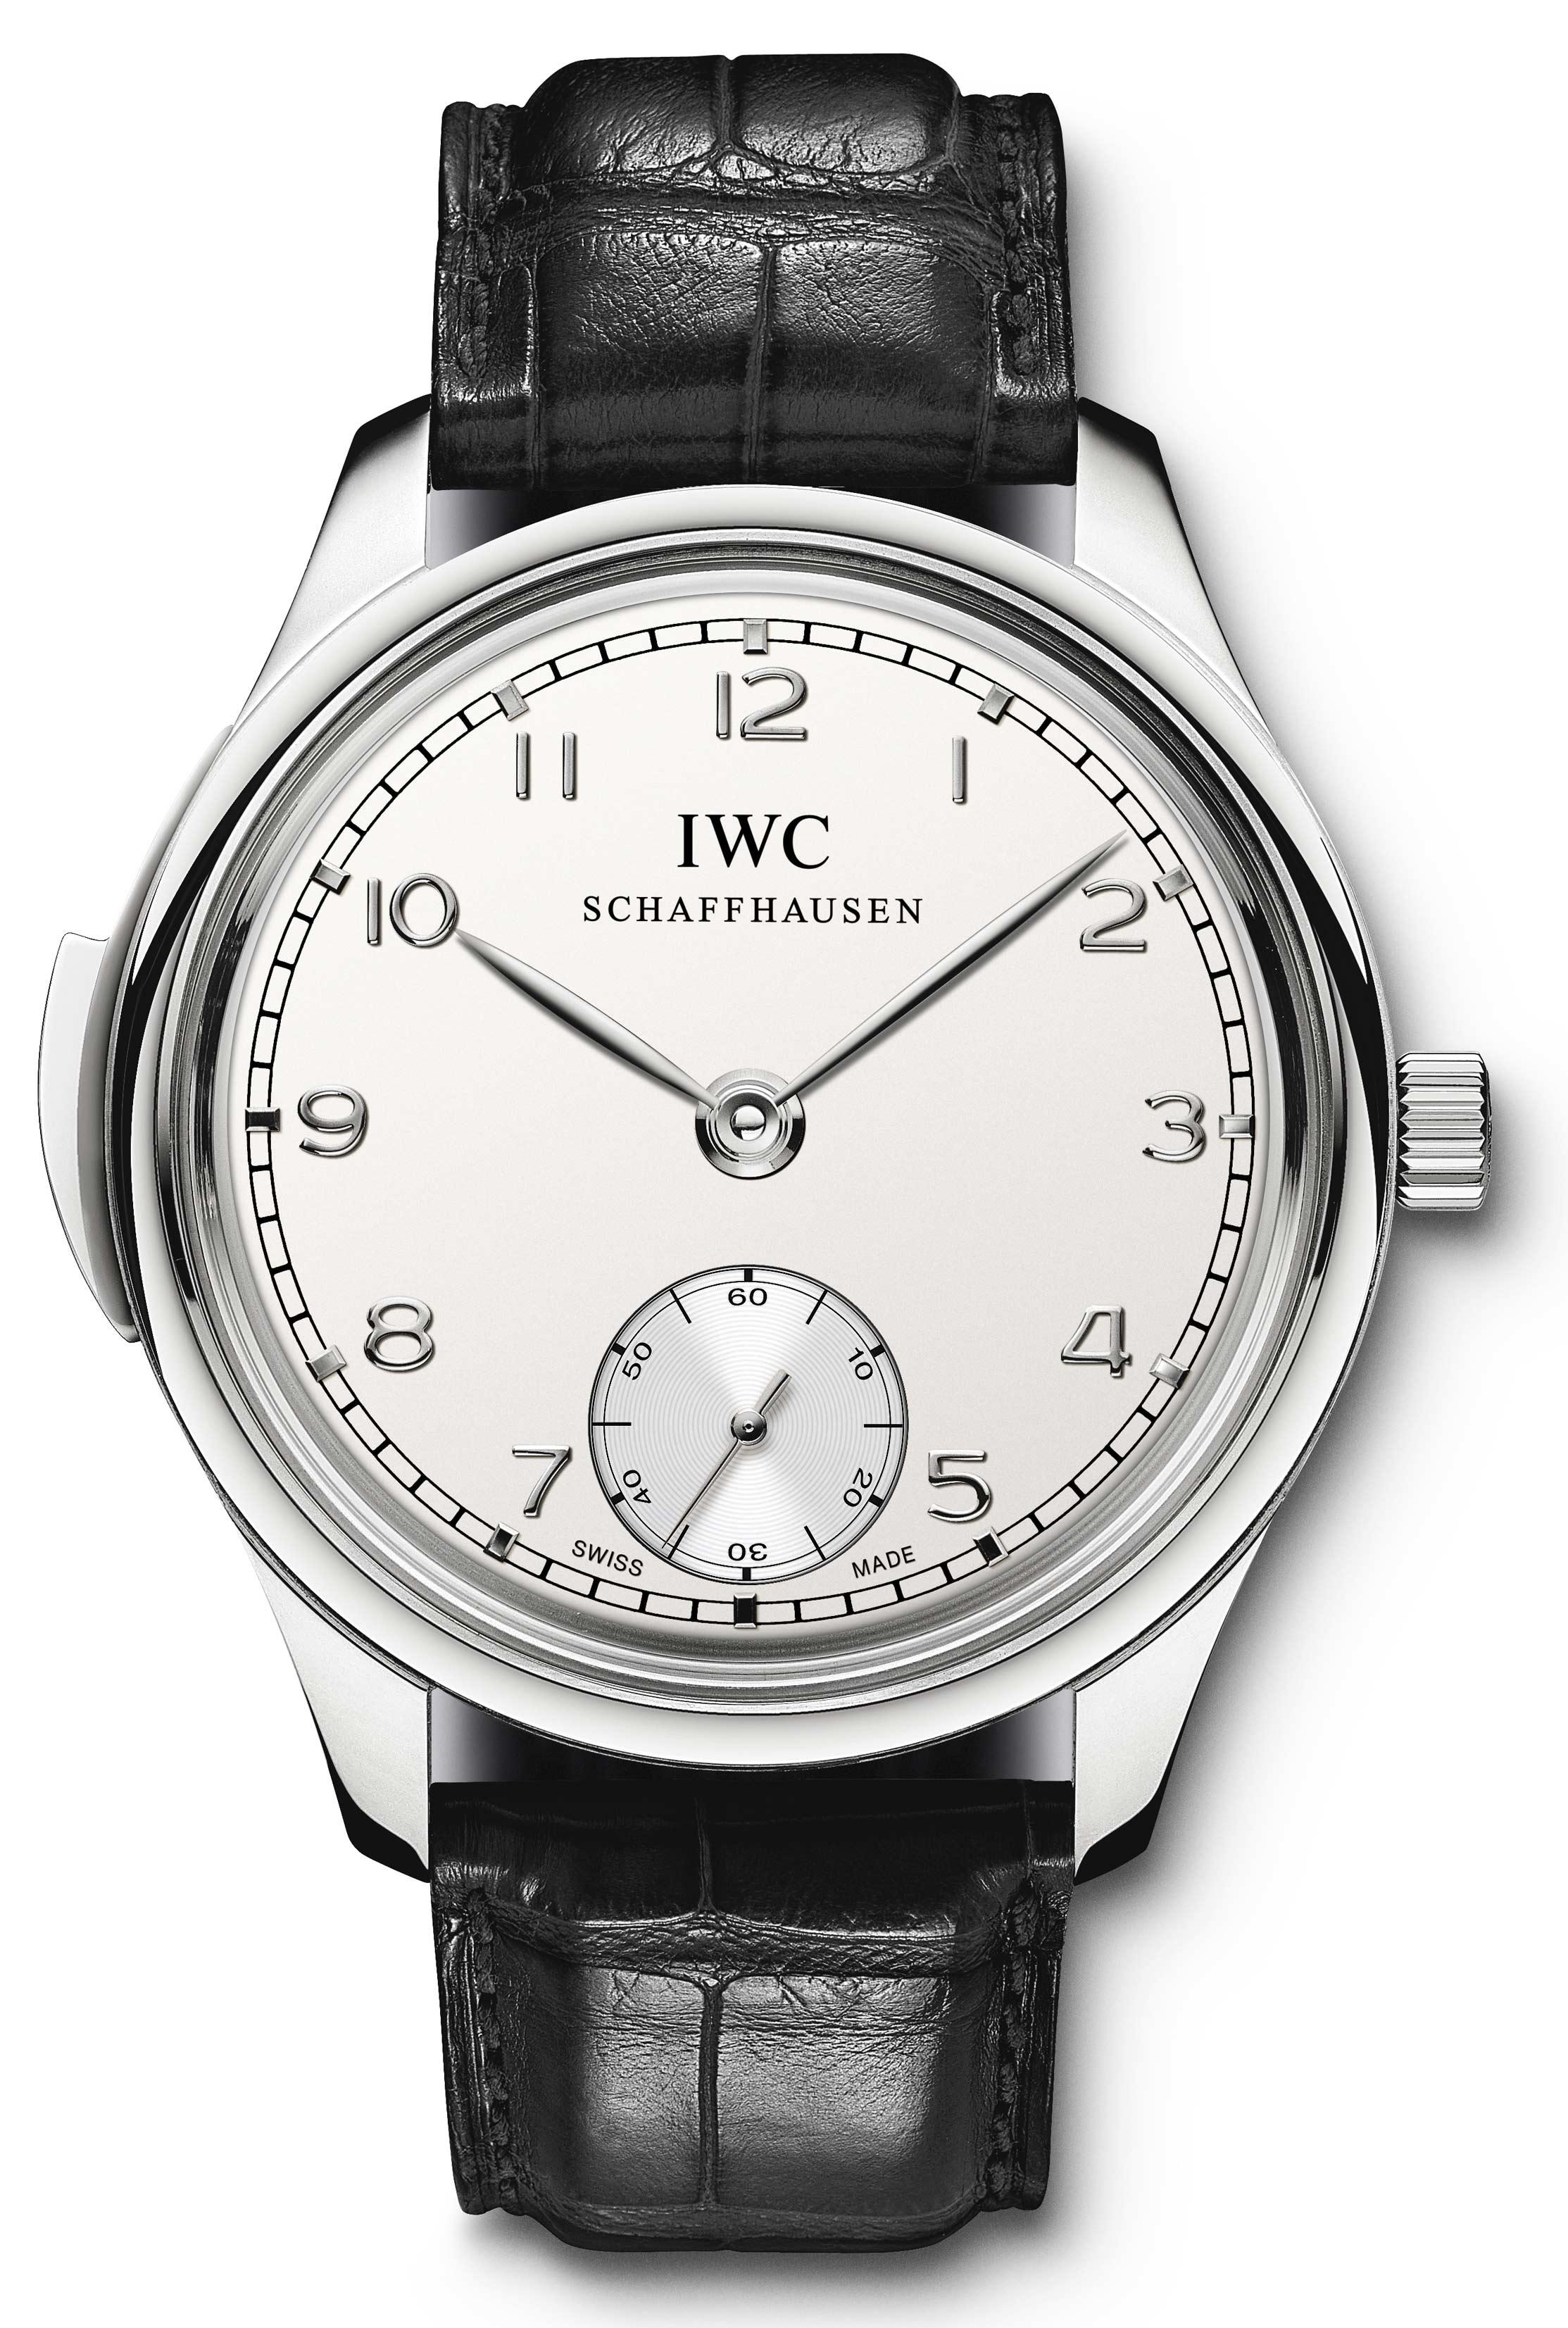 进口手表推荐:瑞士著名钟表品牌IWC万国表